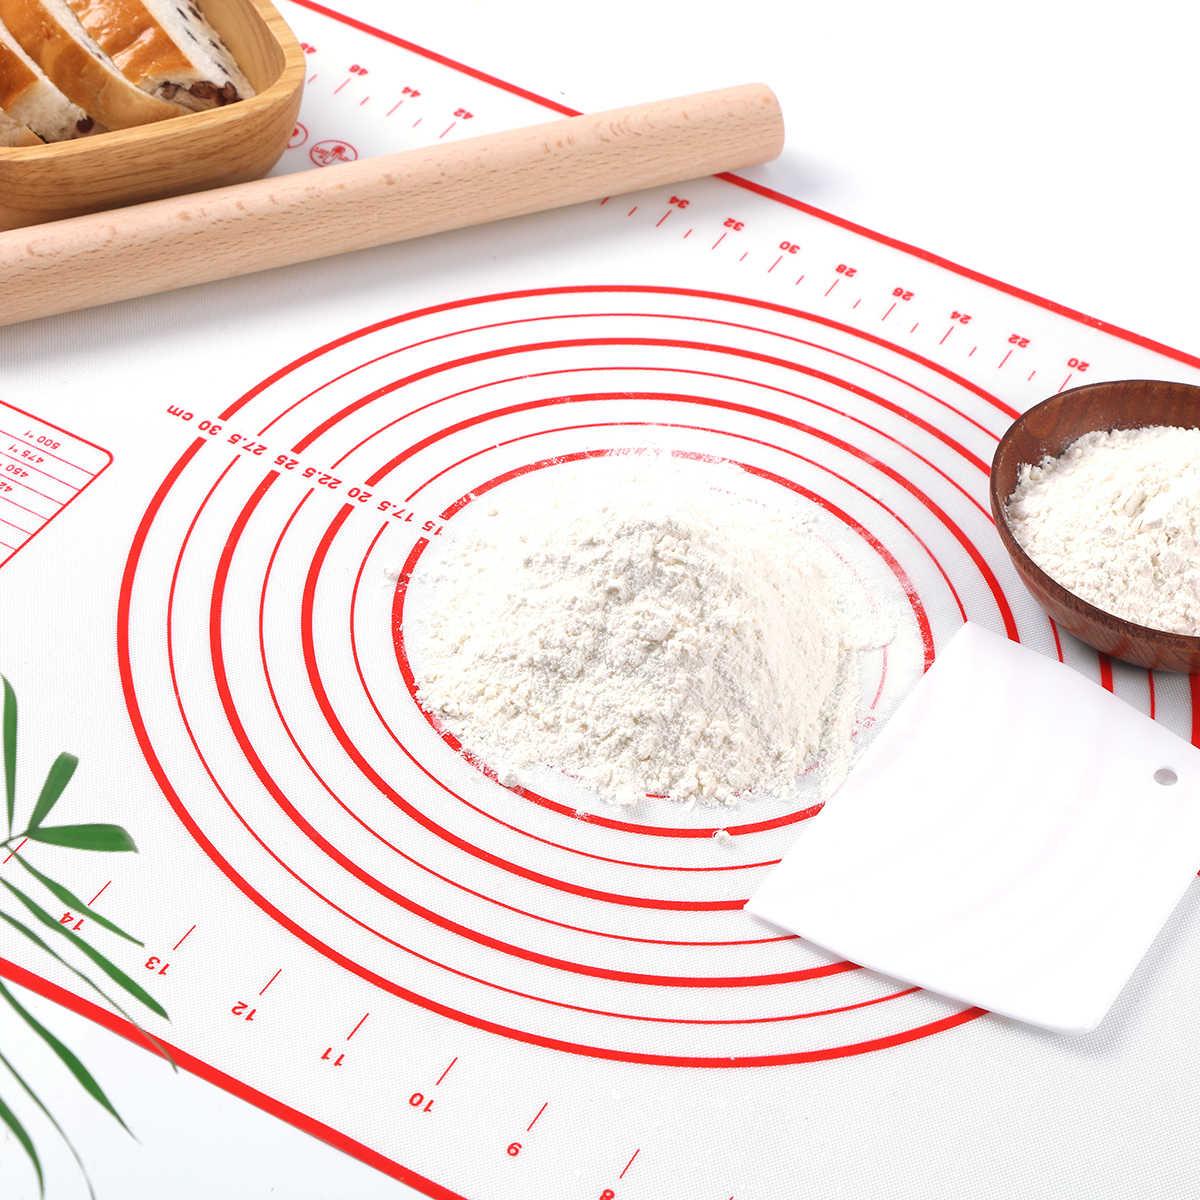 Khuôn Nướng Bánh Silicon Thảm Pizza Bột Làm Bánh Ngọt Vật Dụng Nhà Bếp Nấu Ăn Dụng Cụ Úp Máy Nướng Nhào Phụ Kiện Rất Nhiều